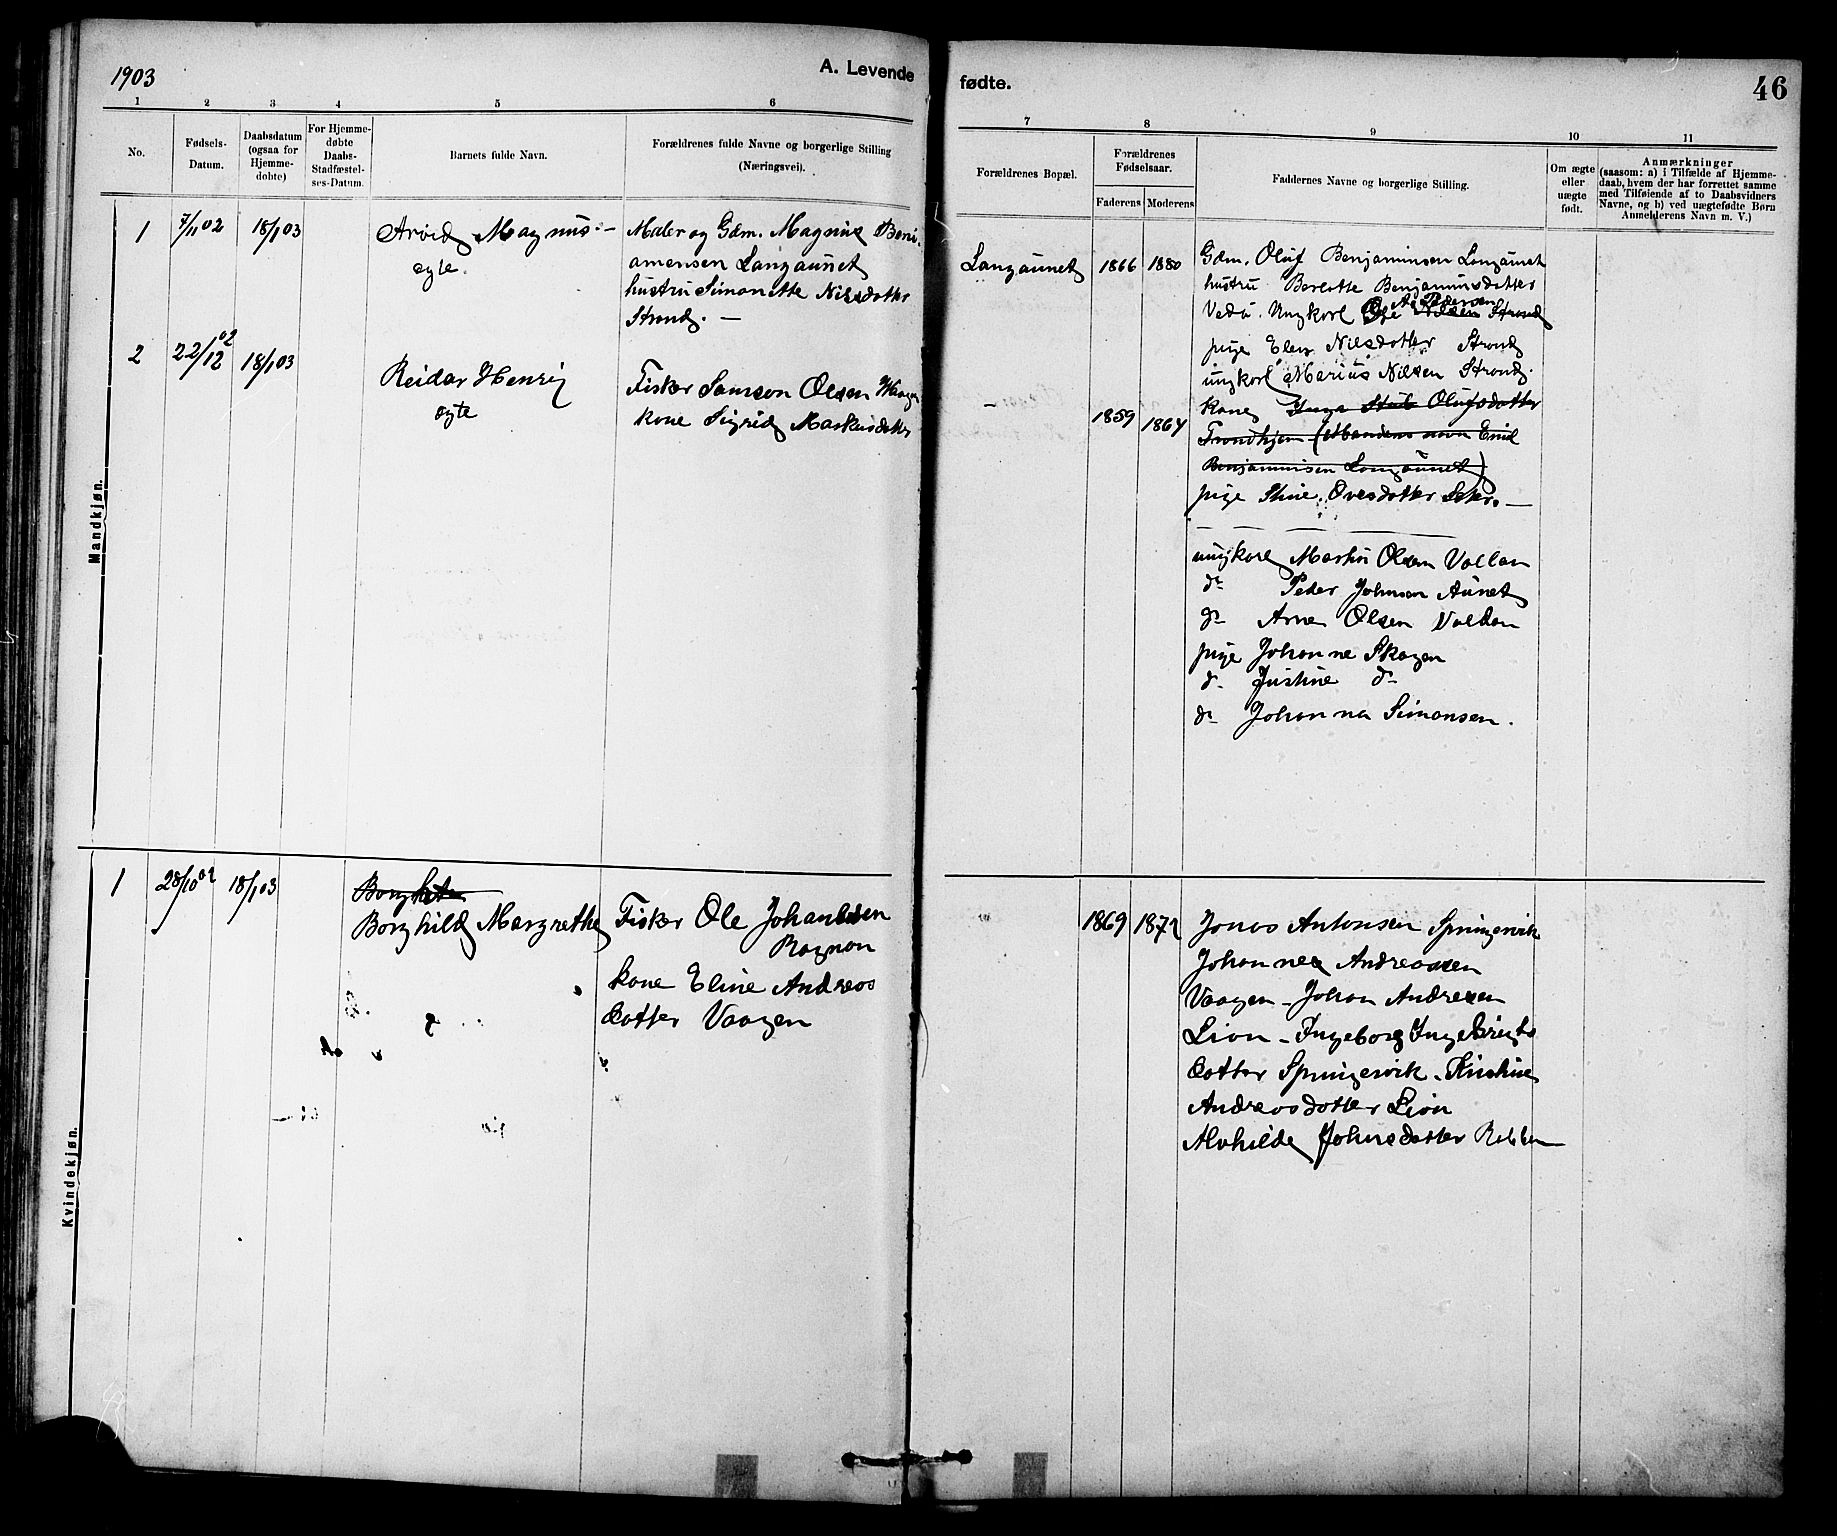 SAT, Ministerialprotokoller, klokkerbøker og fødselsregistre - Sør-Trøndelag, 639/L0573: Klokkerbok nr. 639C01, 1890-1905, s. 46